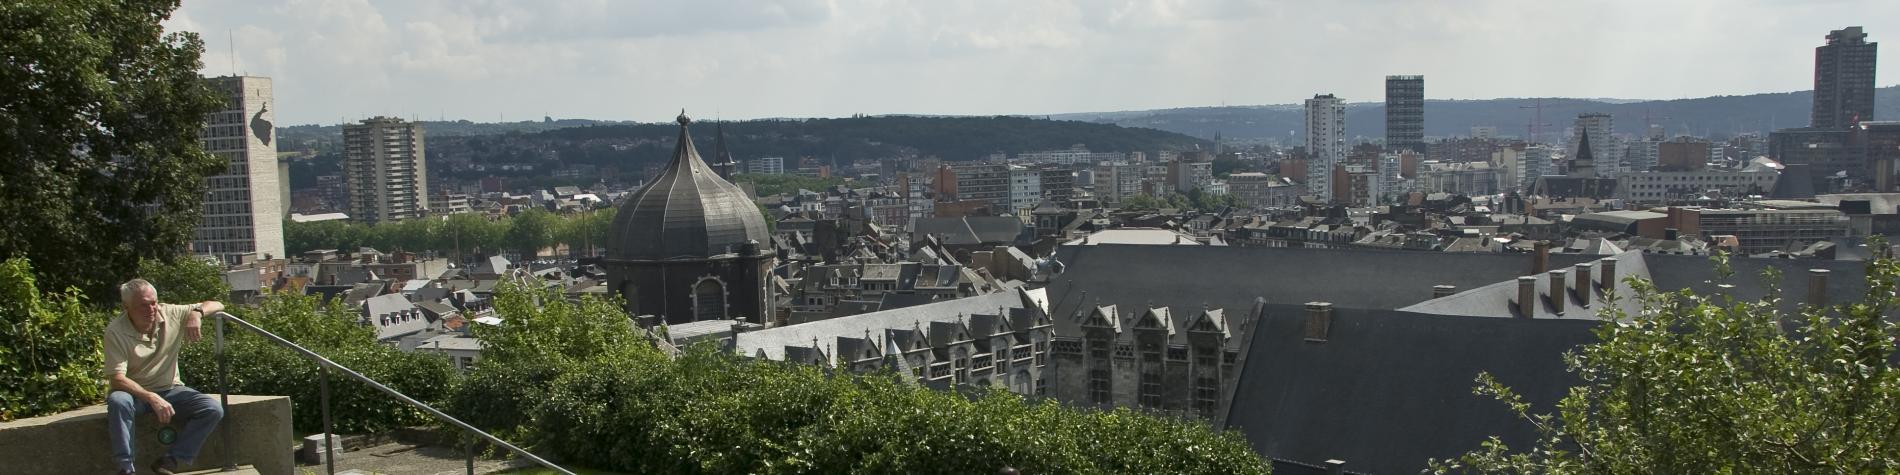 Coteaux - Citadelle - Liège